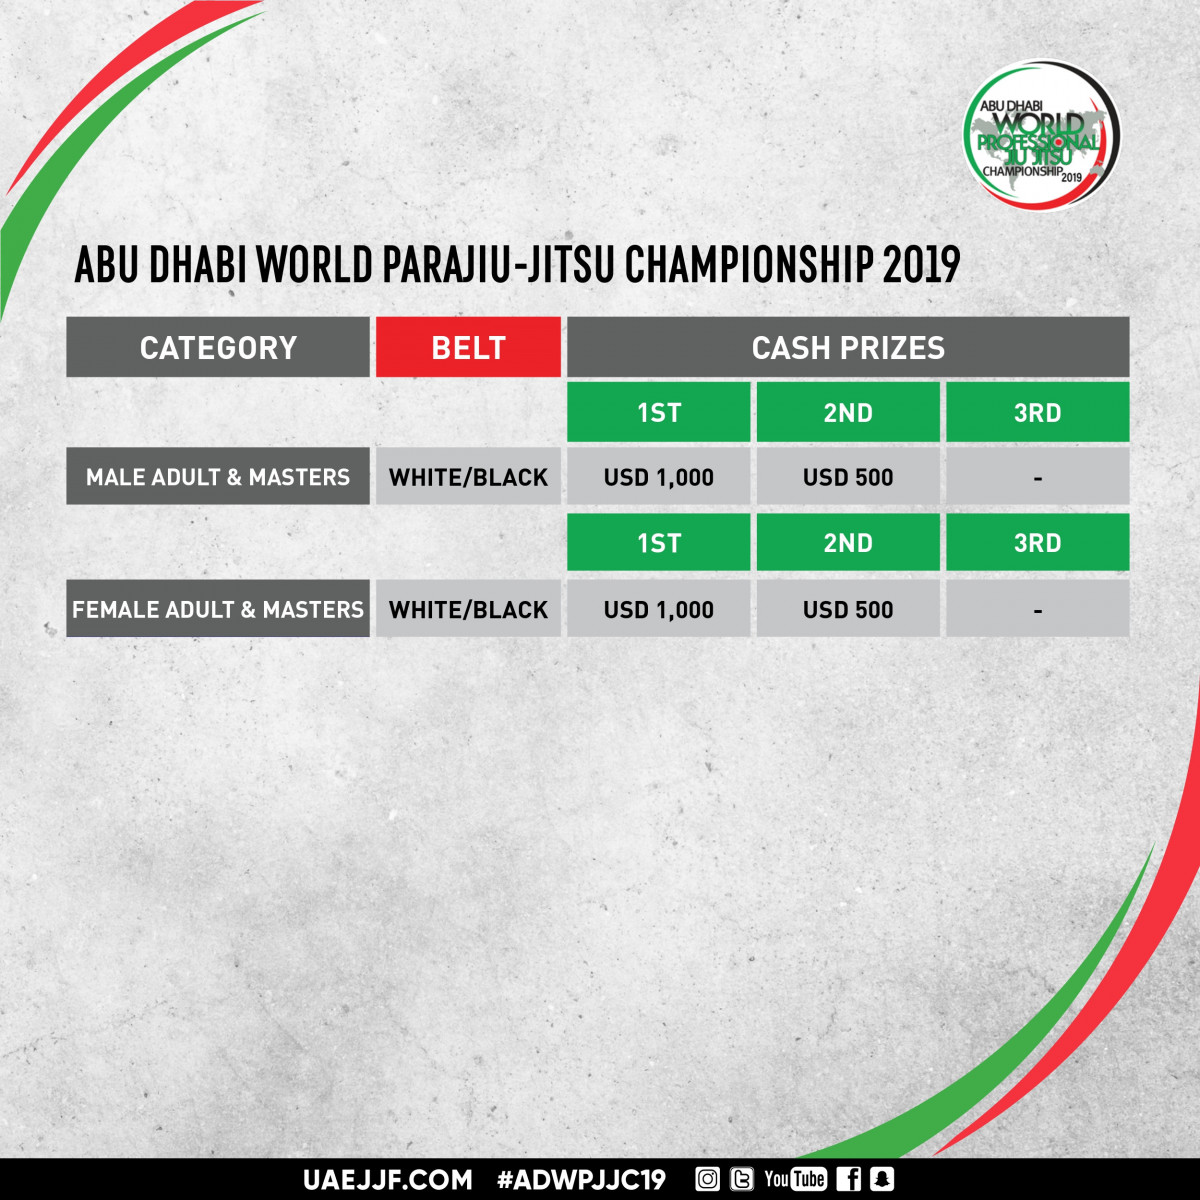 uae-jiu-jitsu-federation-cash-prize-2019-abu-dhabi-world-festival-jiu-jitsu-championship-parajiu-jitsu-20190320065059.jpeg